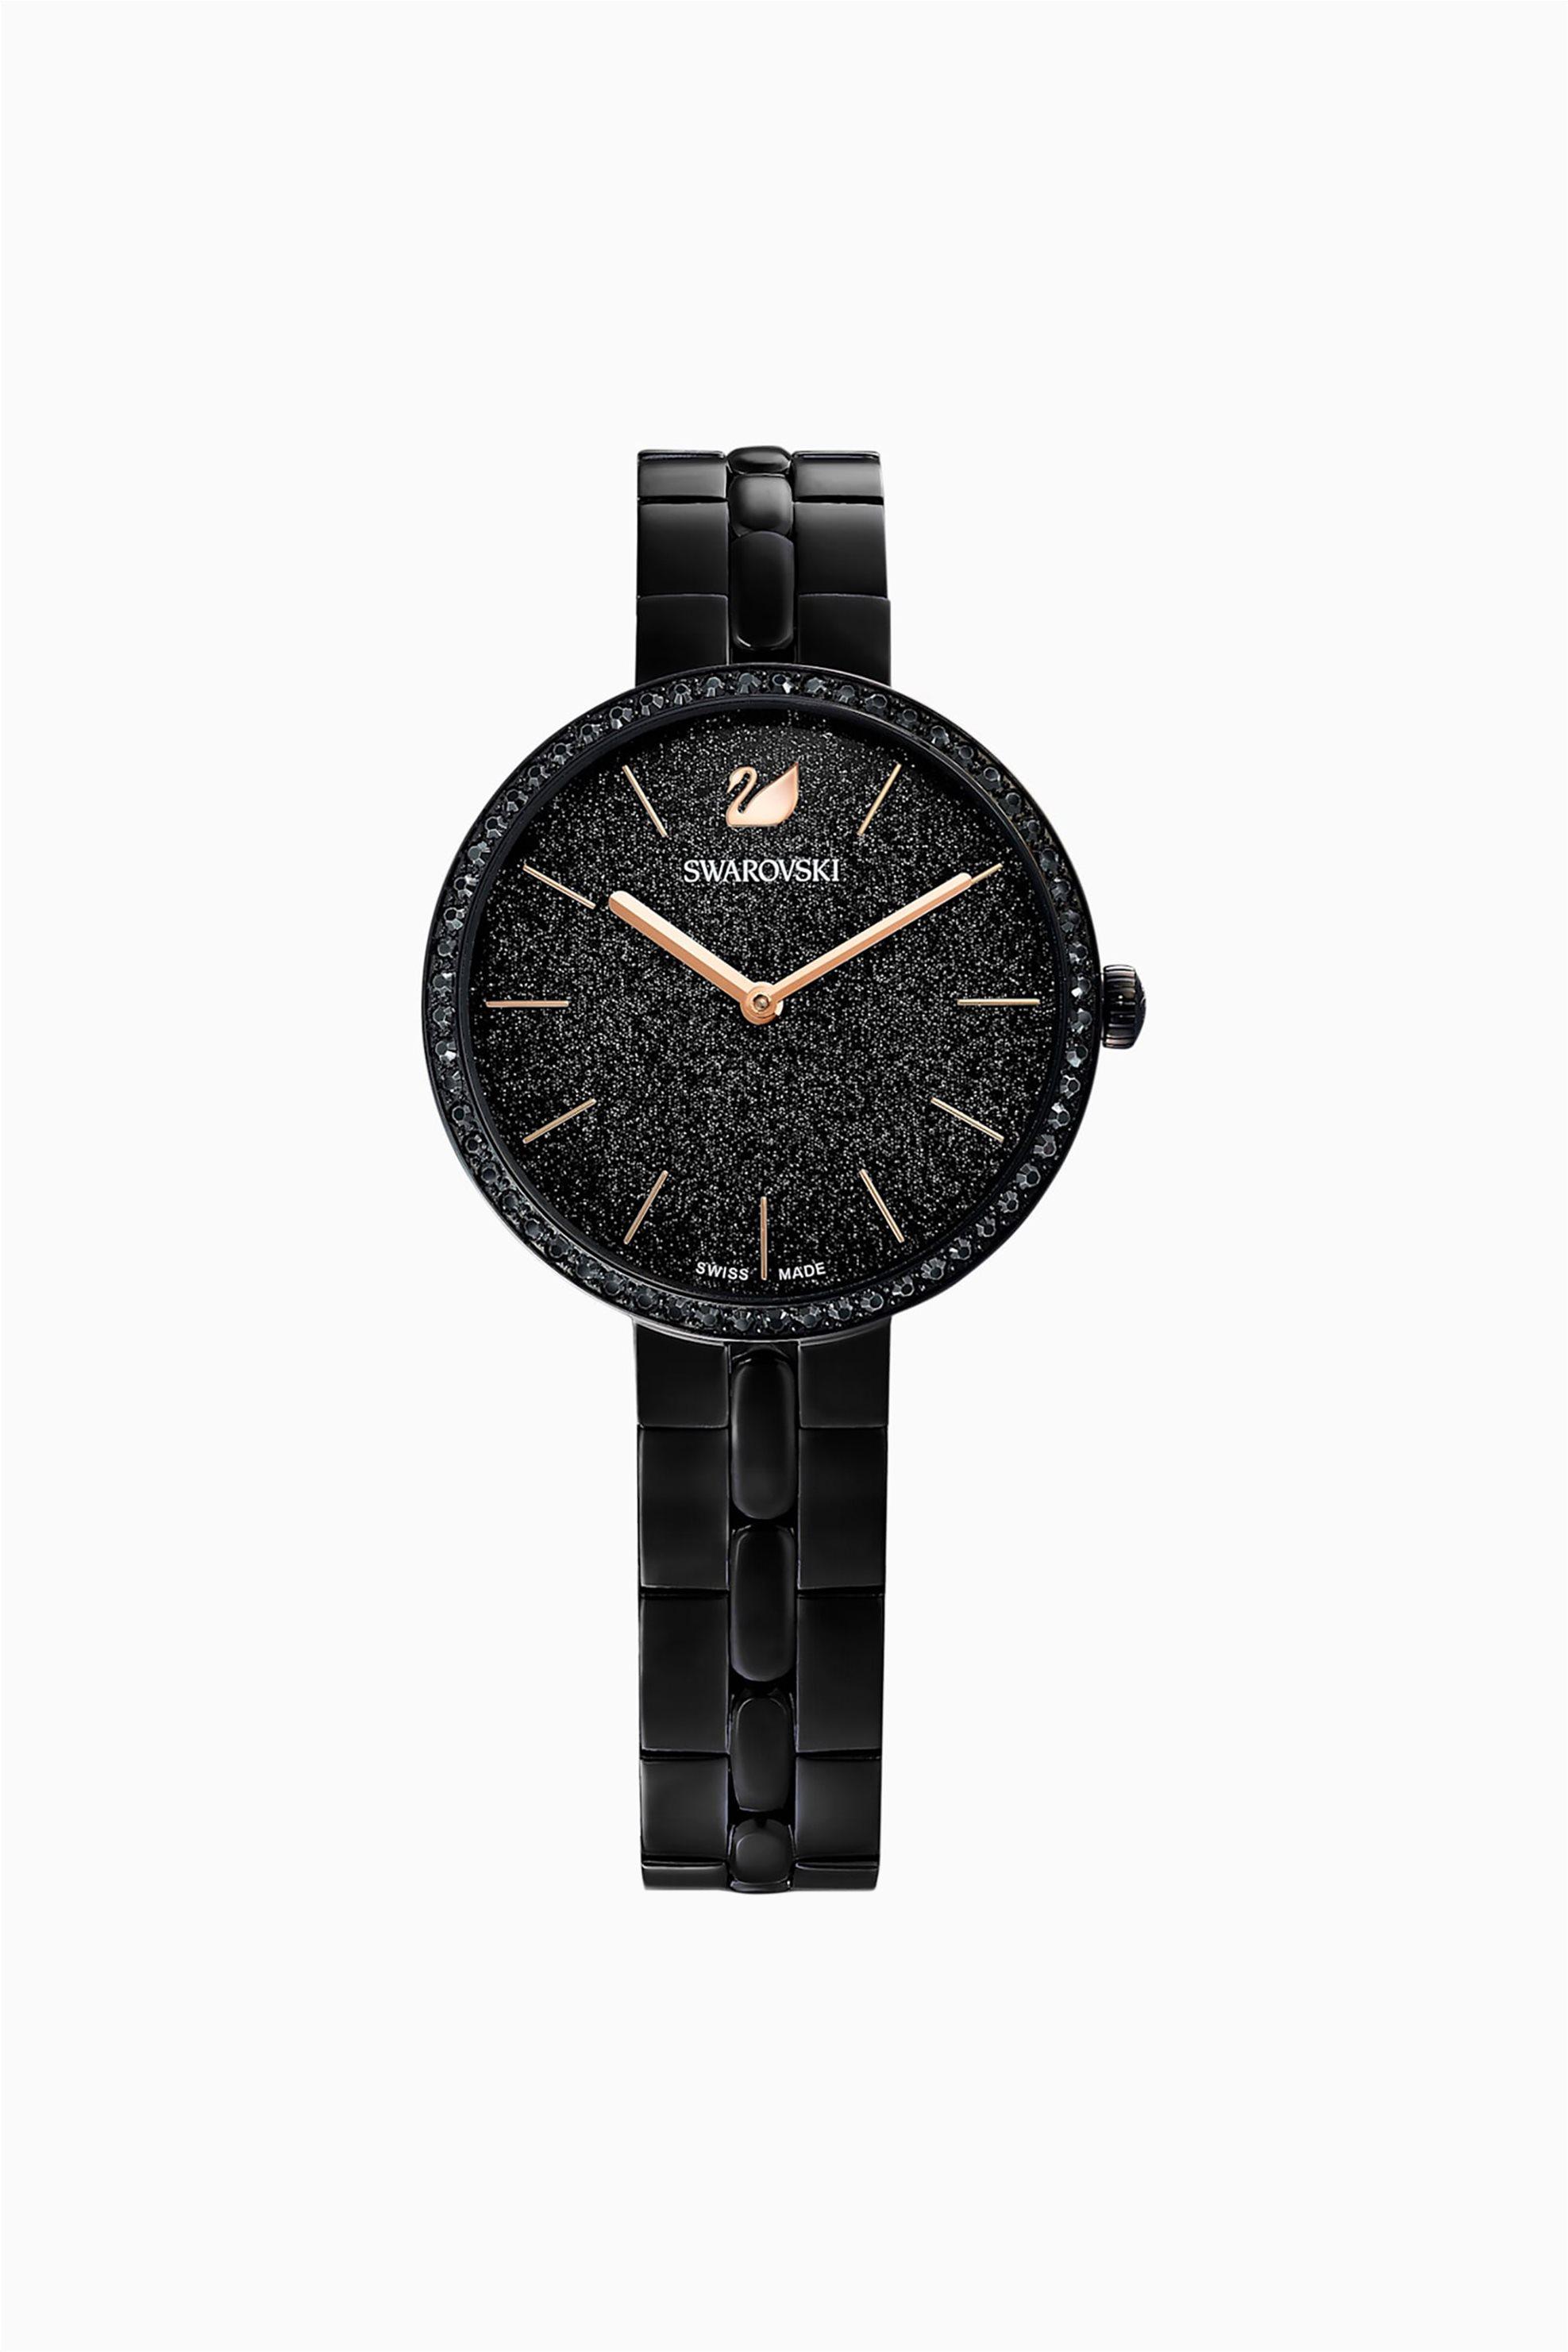 Swarovski Cosmopolitan Watch, Metal Bracelet, Black, Black PVD - 5547646 - Μαύρο